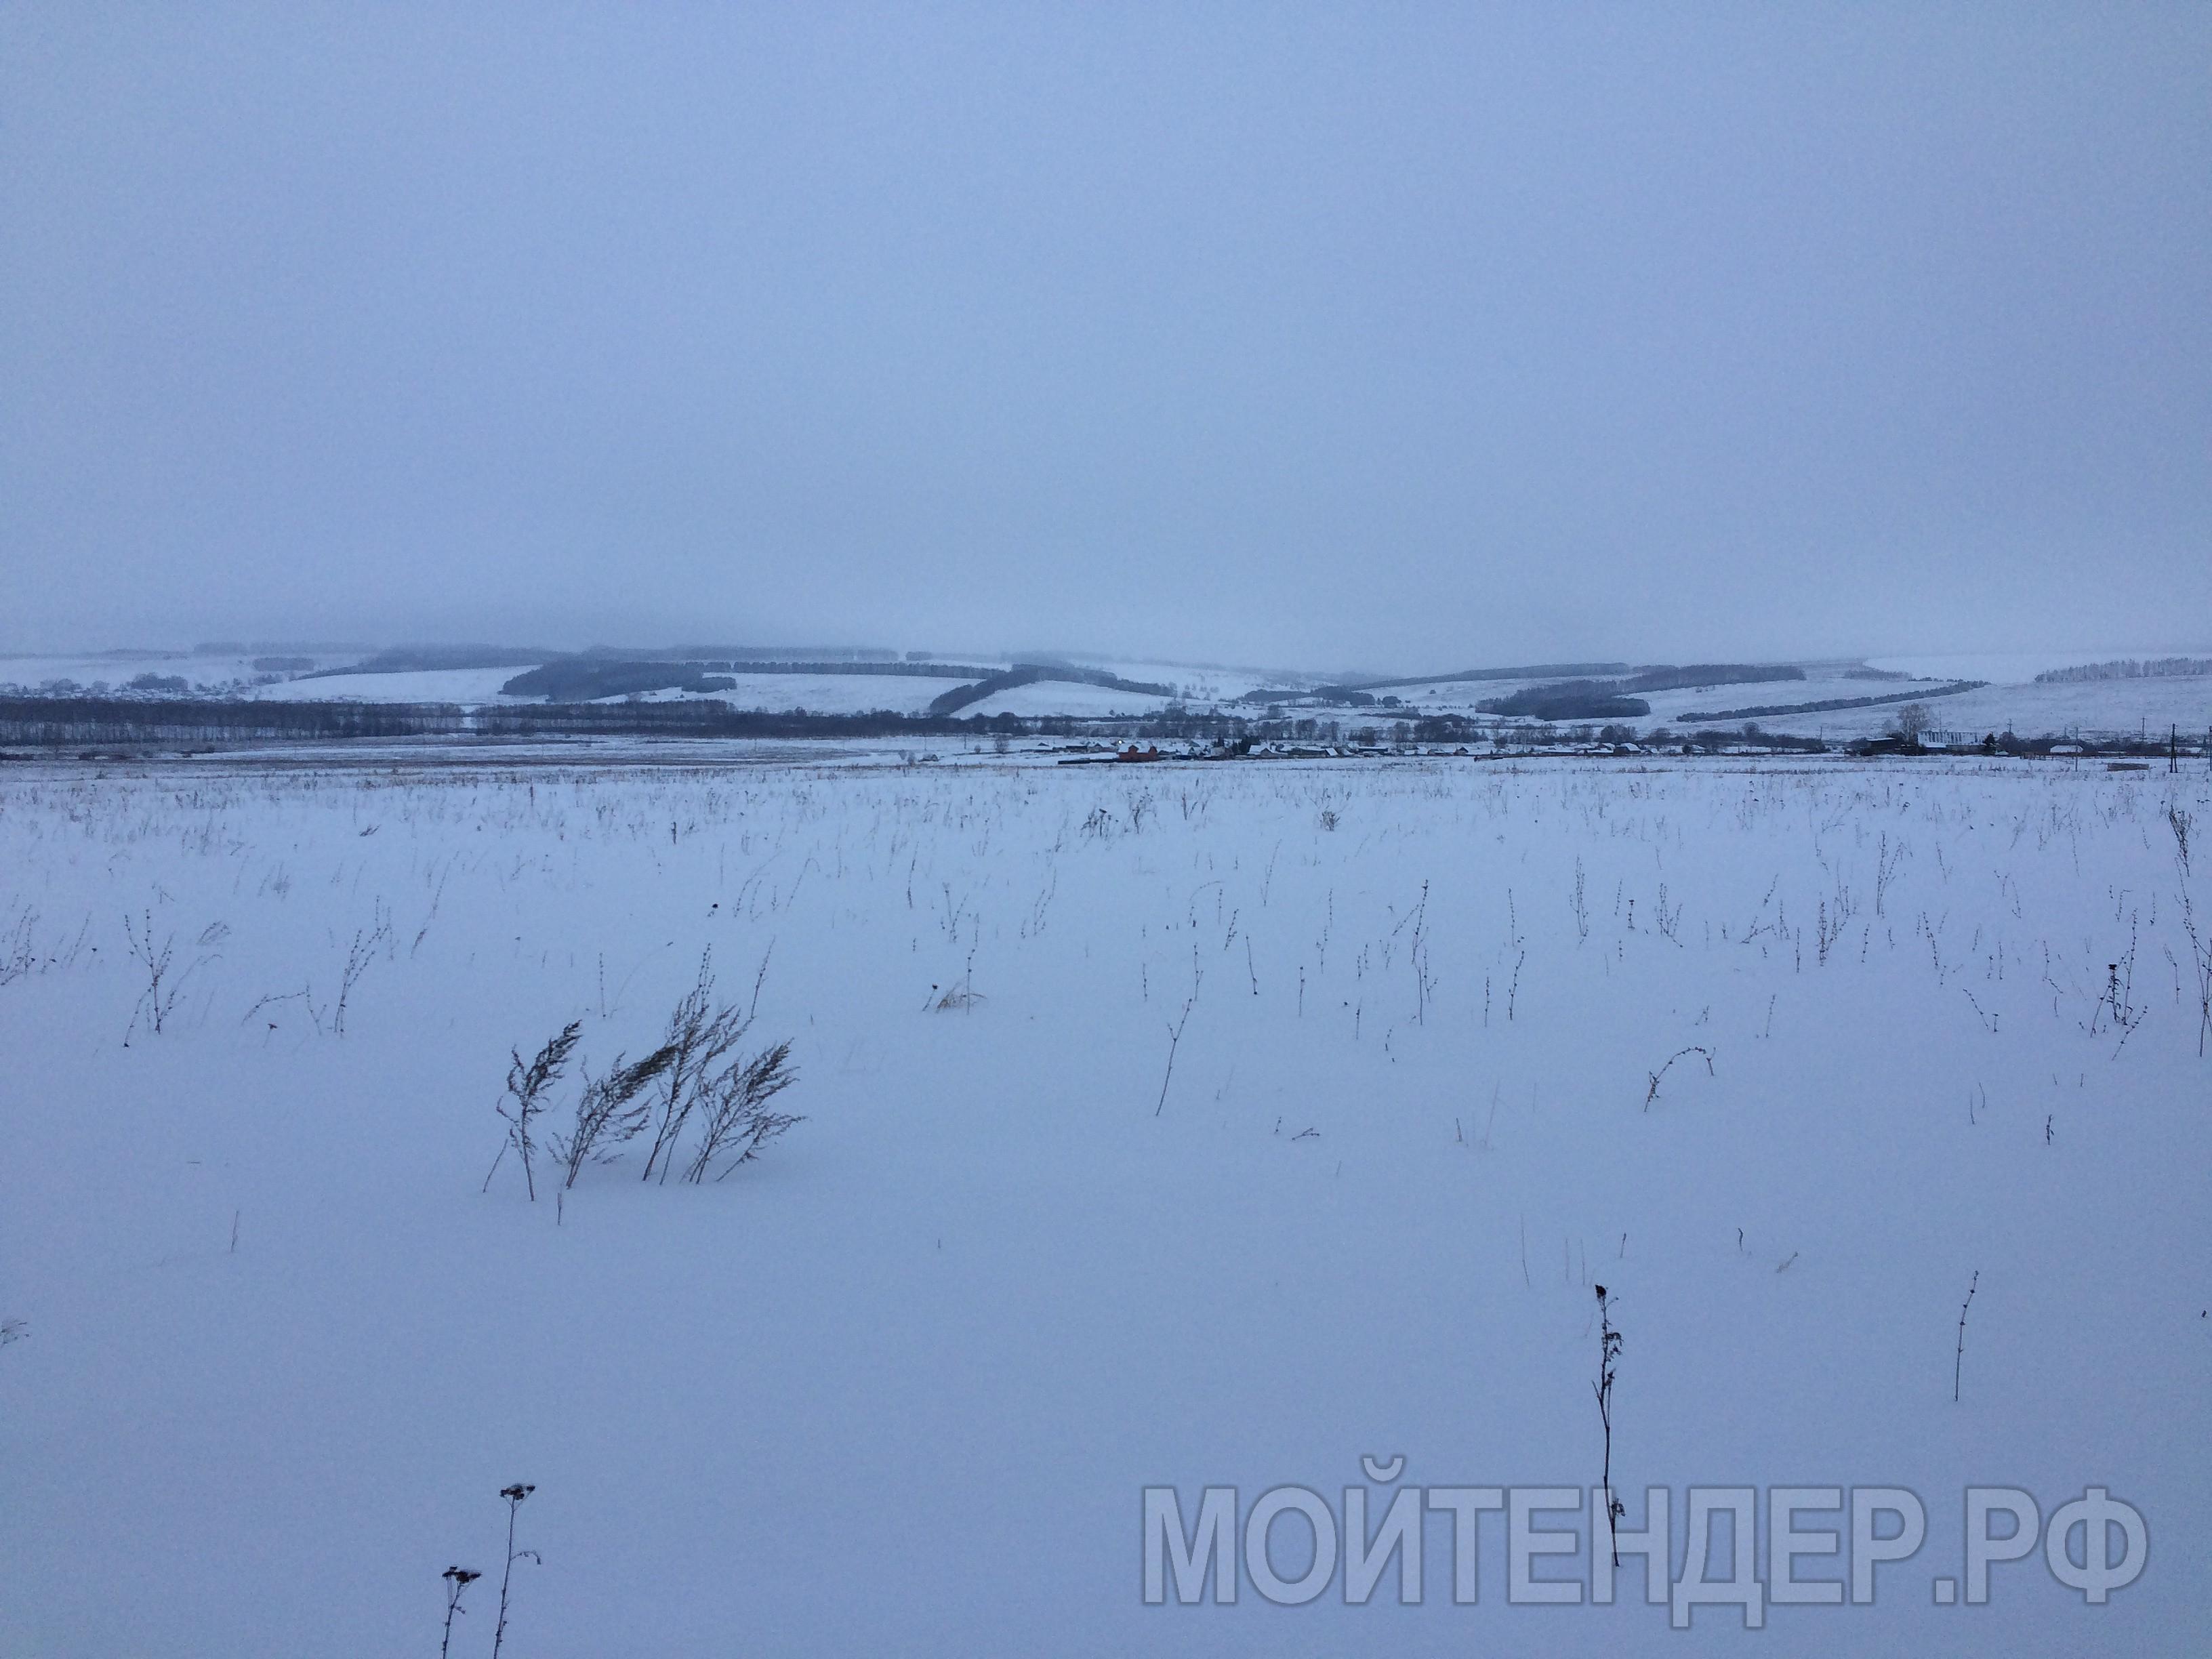 Мойтендер.рф-576-16-11267: Фото 3